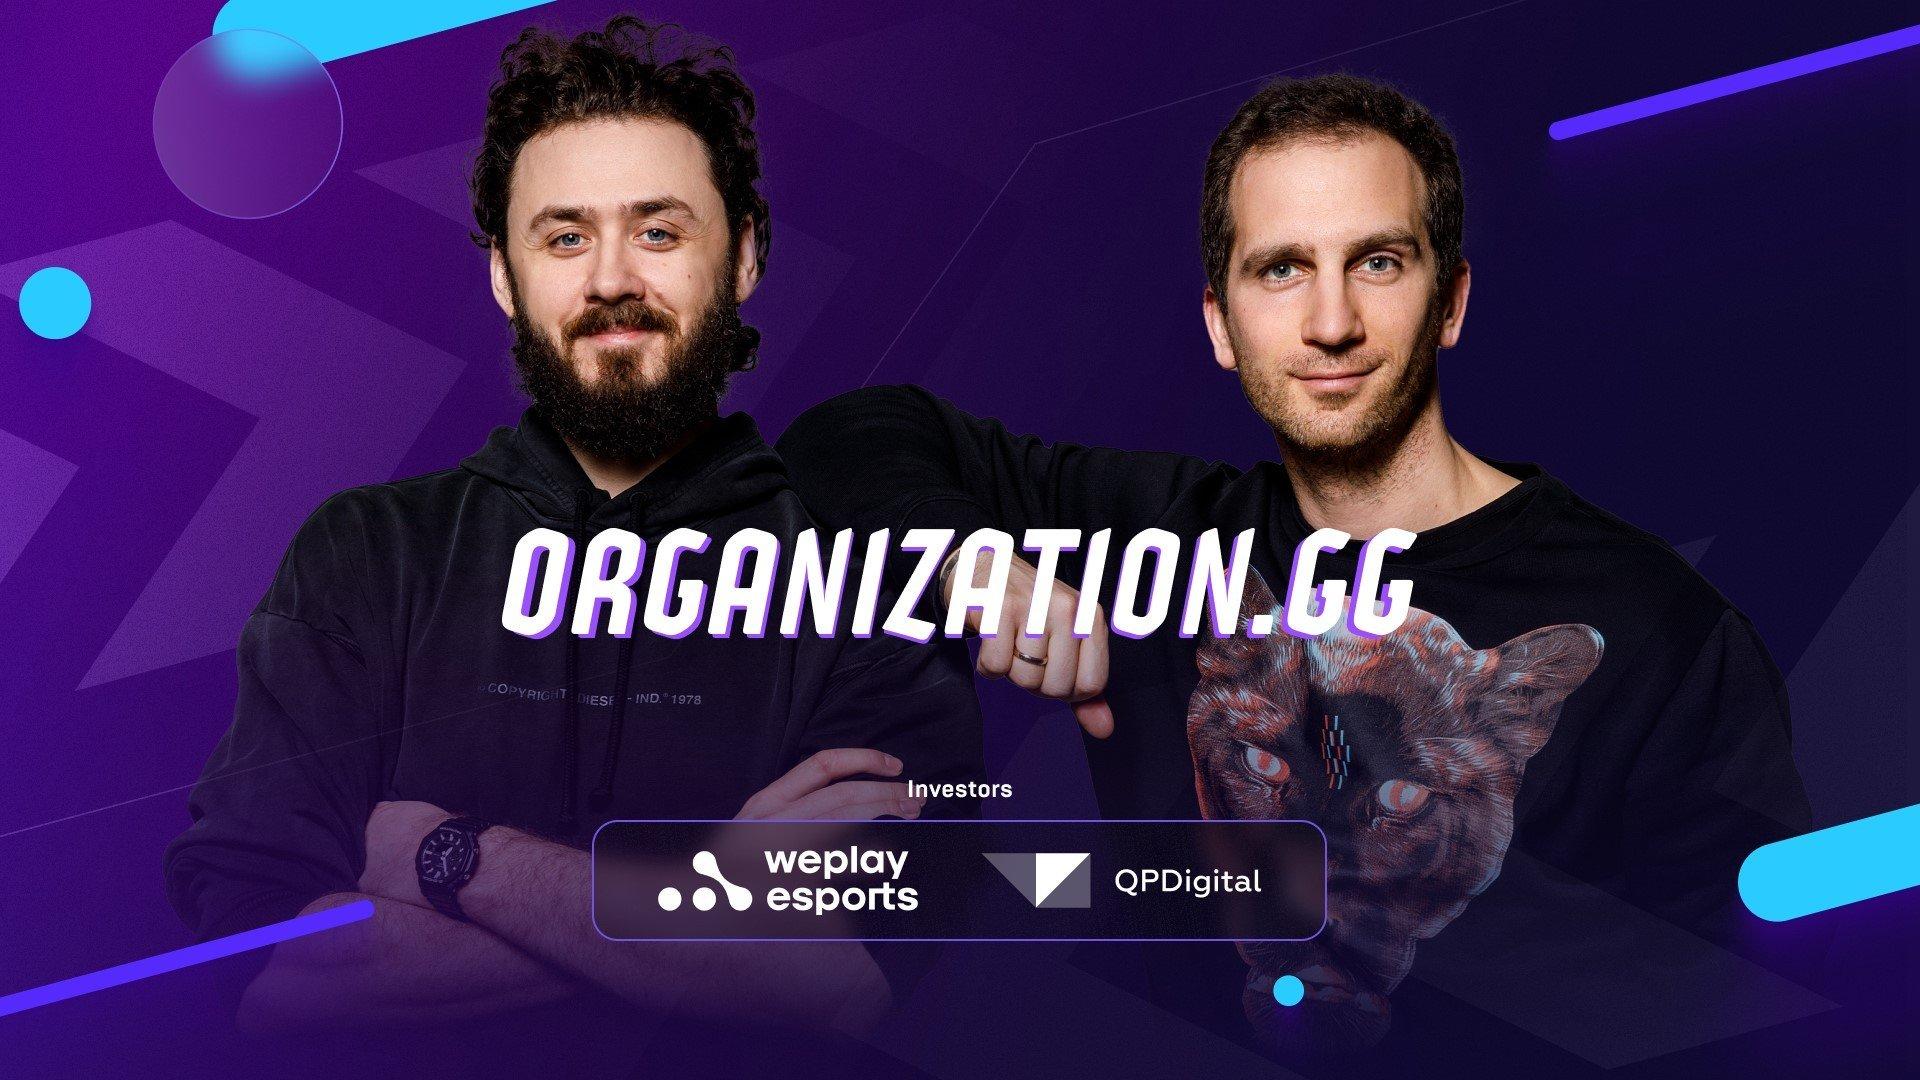 Стартап Organizationgg привлек 610000 инвестиций мы пообщались с фаундерами